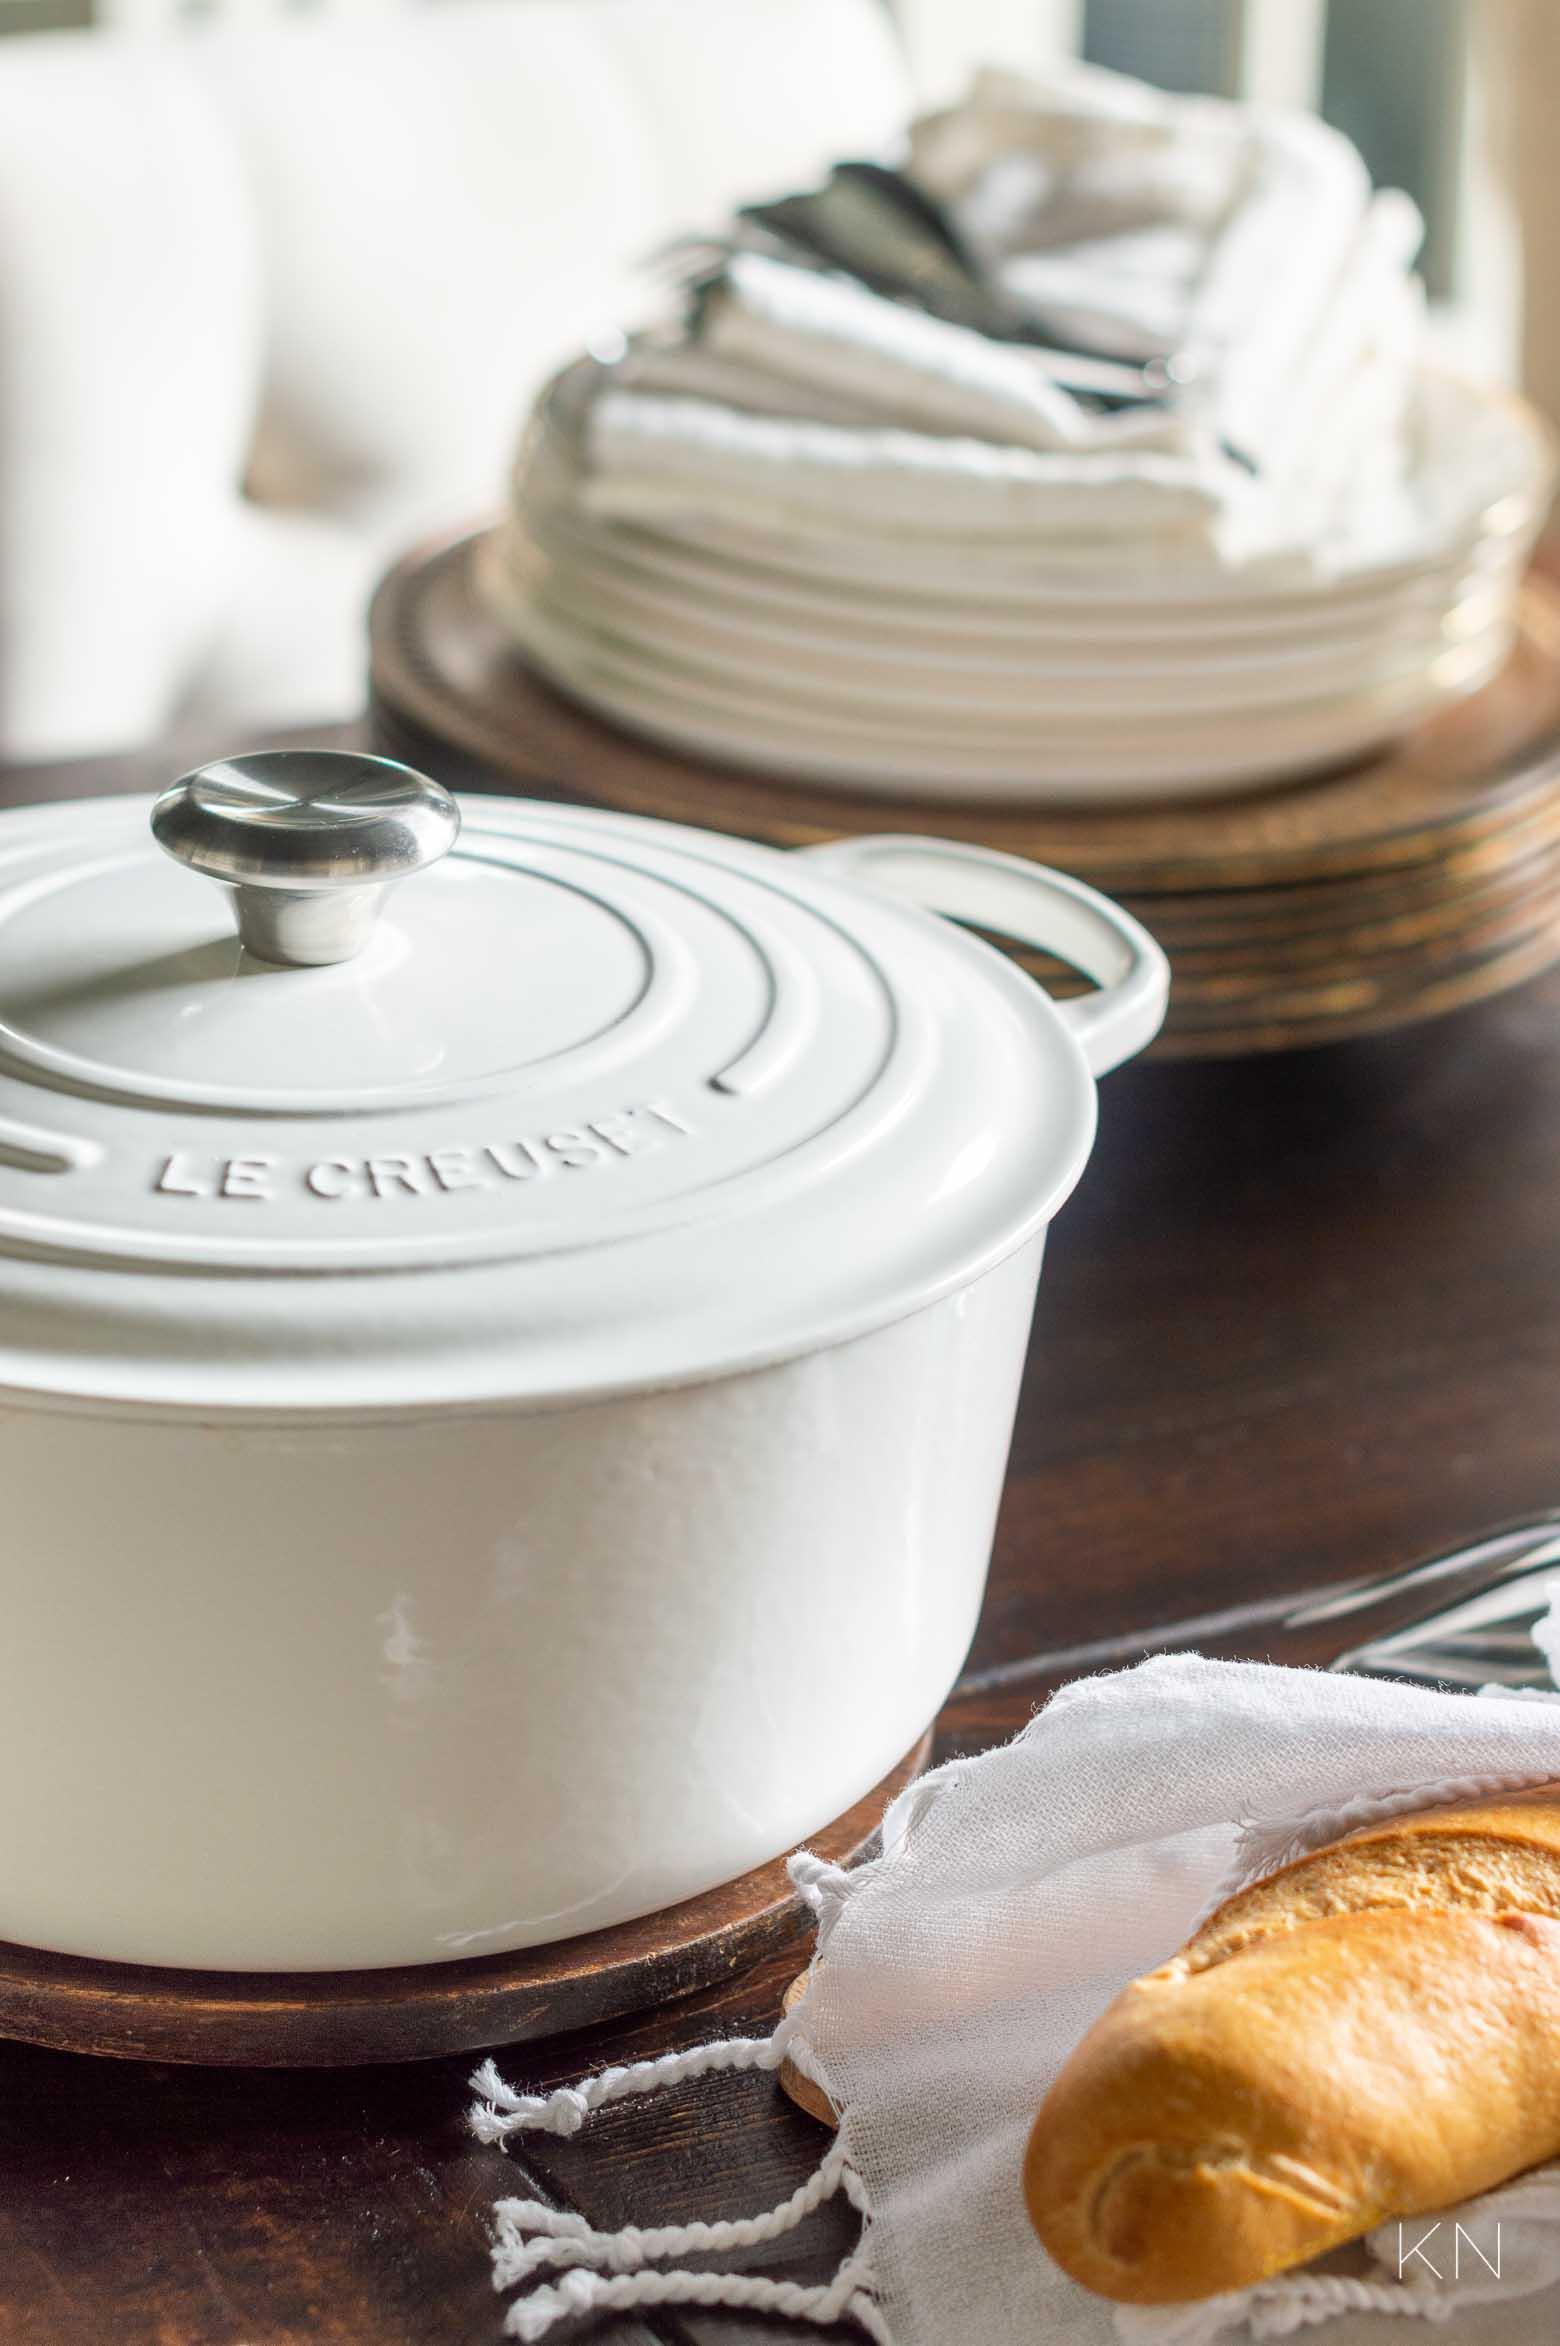 Favorite Kitchen Piece -- Le Creuset